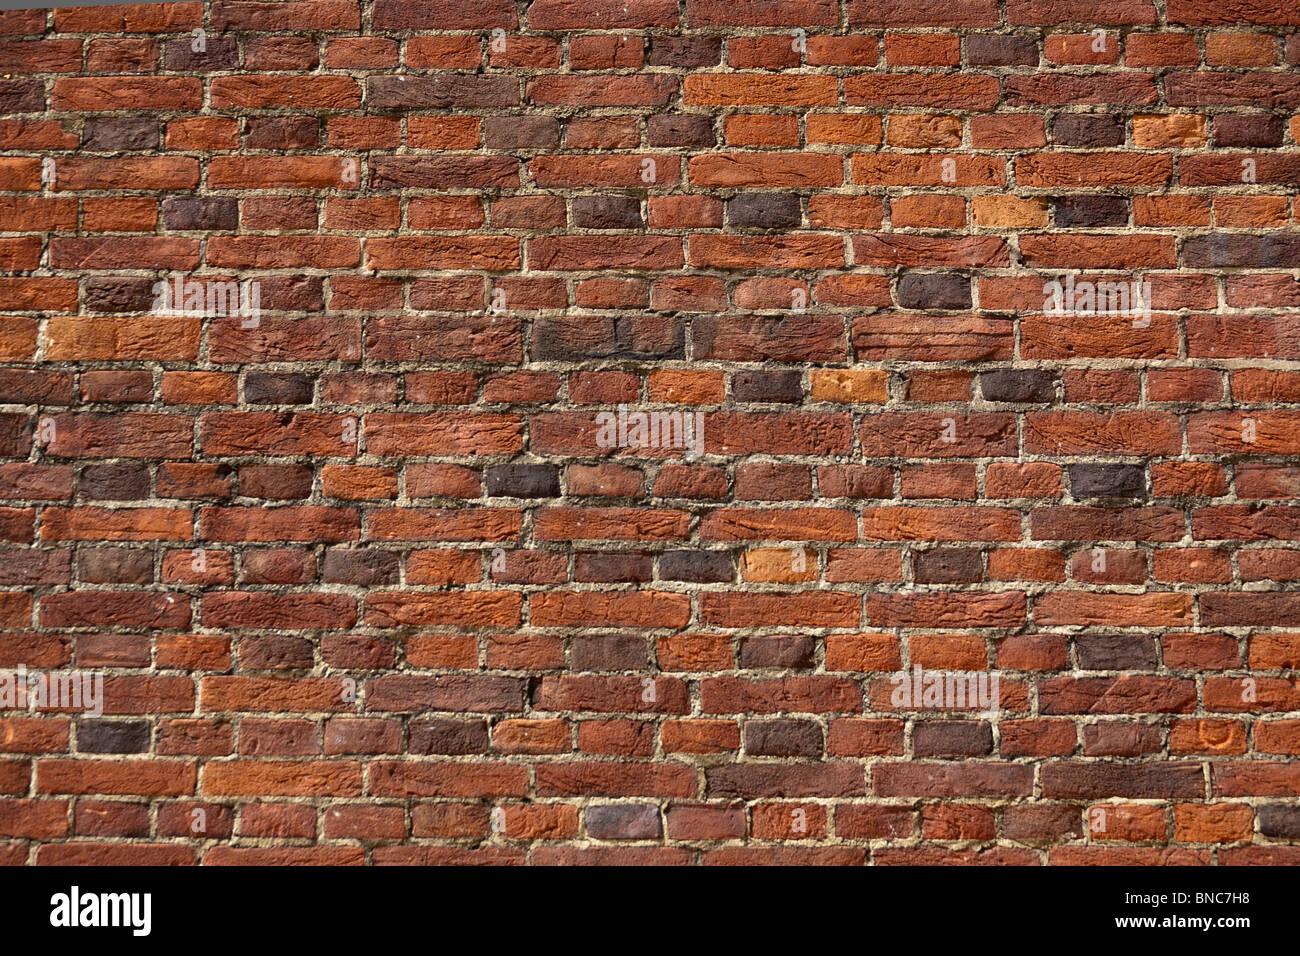 Rosso di un muro di mattoni. Una sezione di colore rosso o arancione parete di mattoni. Buona per gli sfondi. Immagini Stock